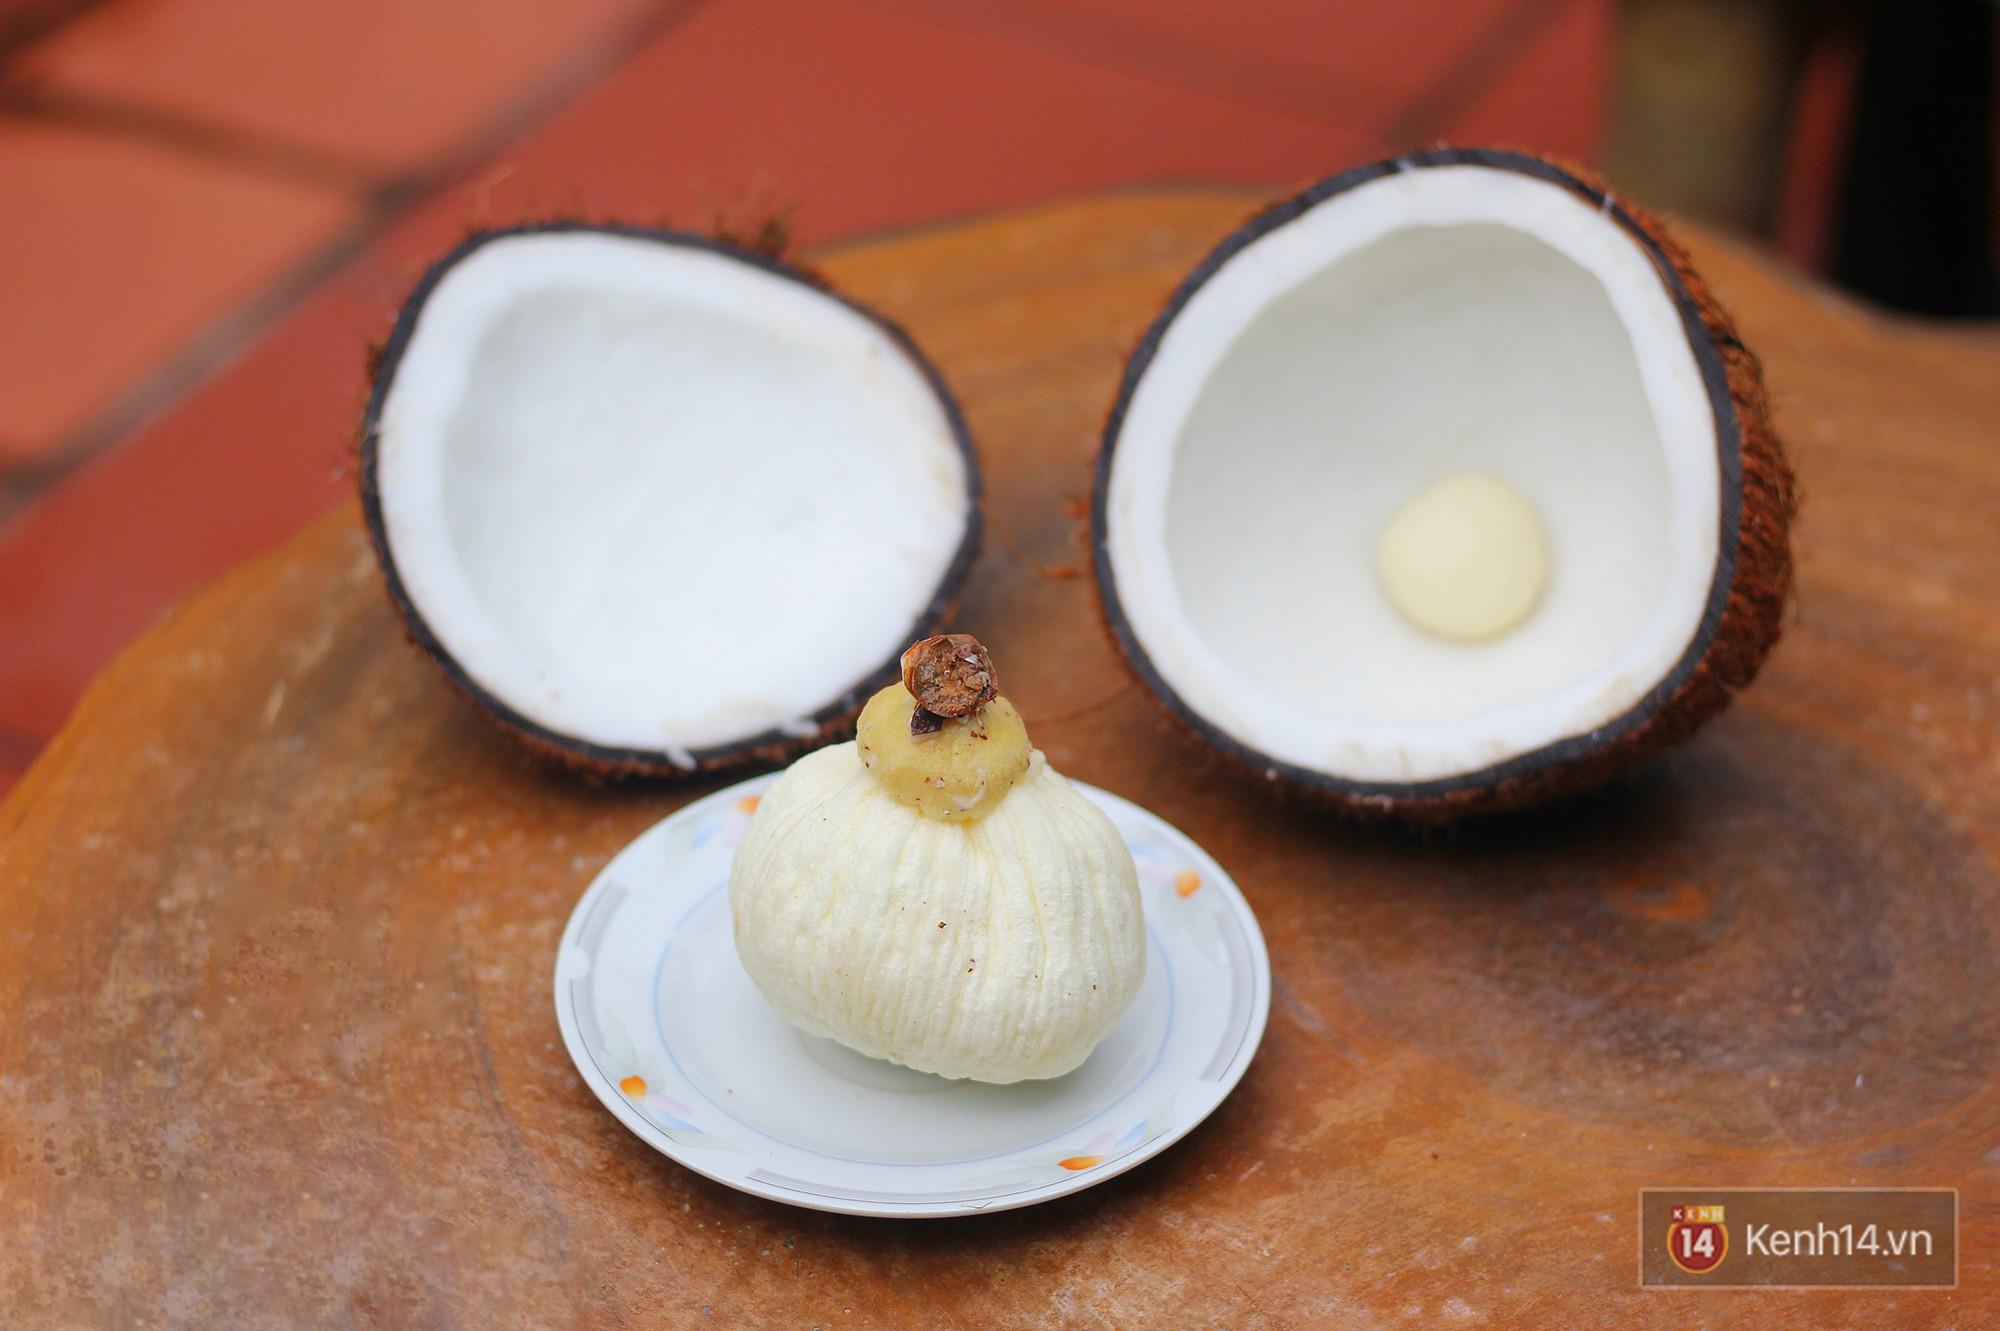 Mộng dừa là gì mà tận 300k/kg, muốn mua cũng không hề dễ? - Ảnh 7.